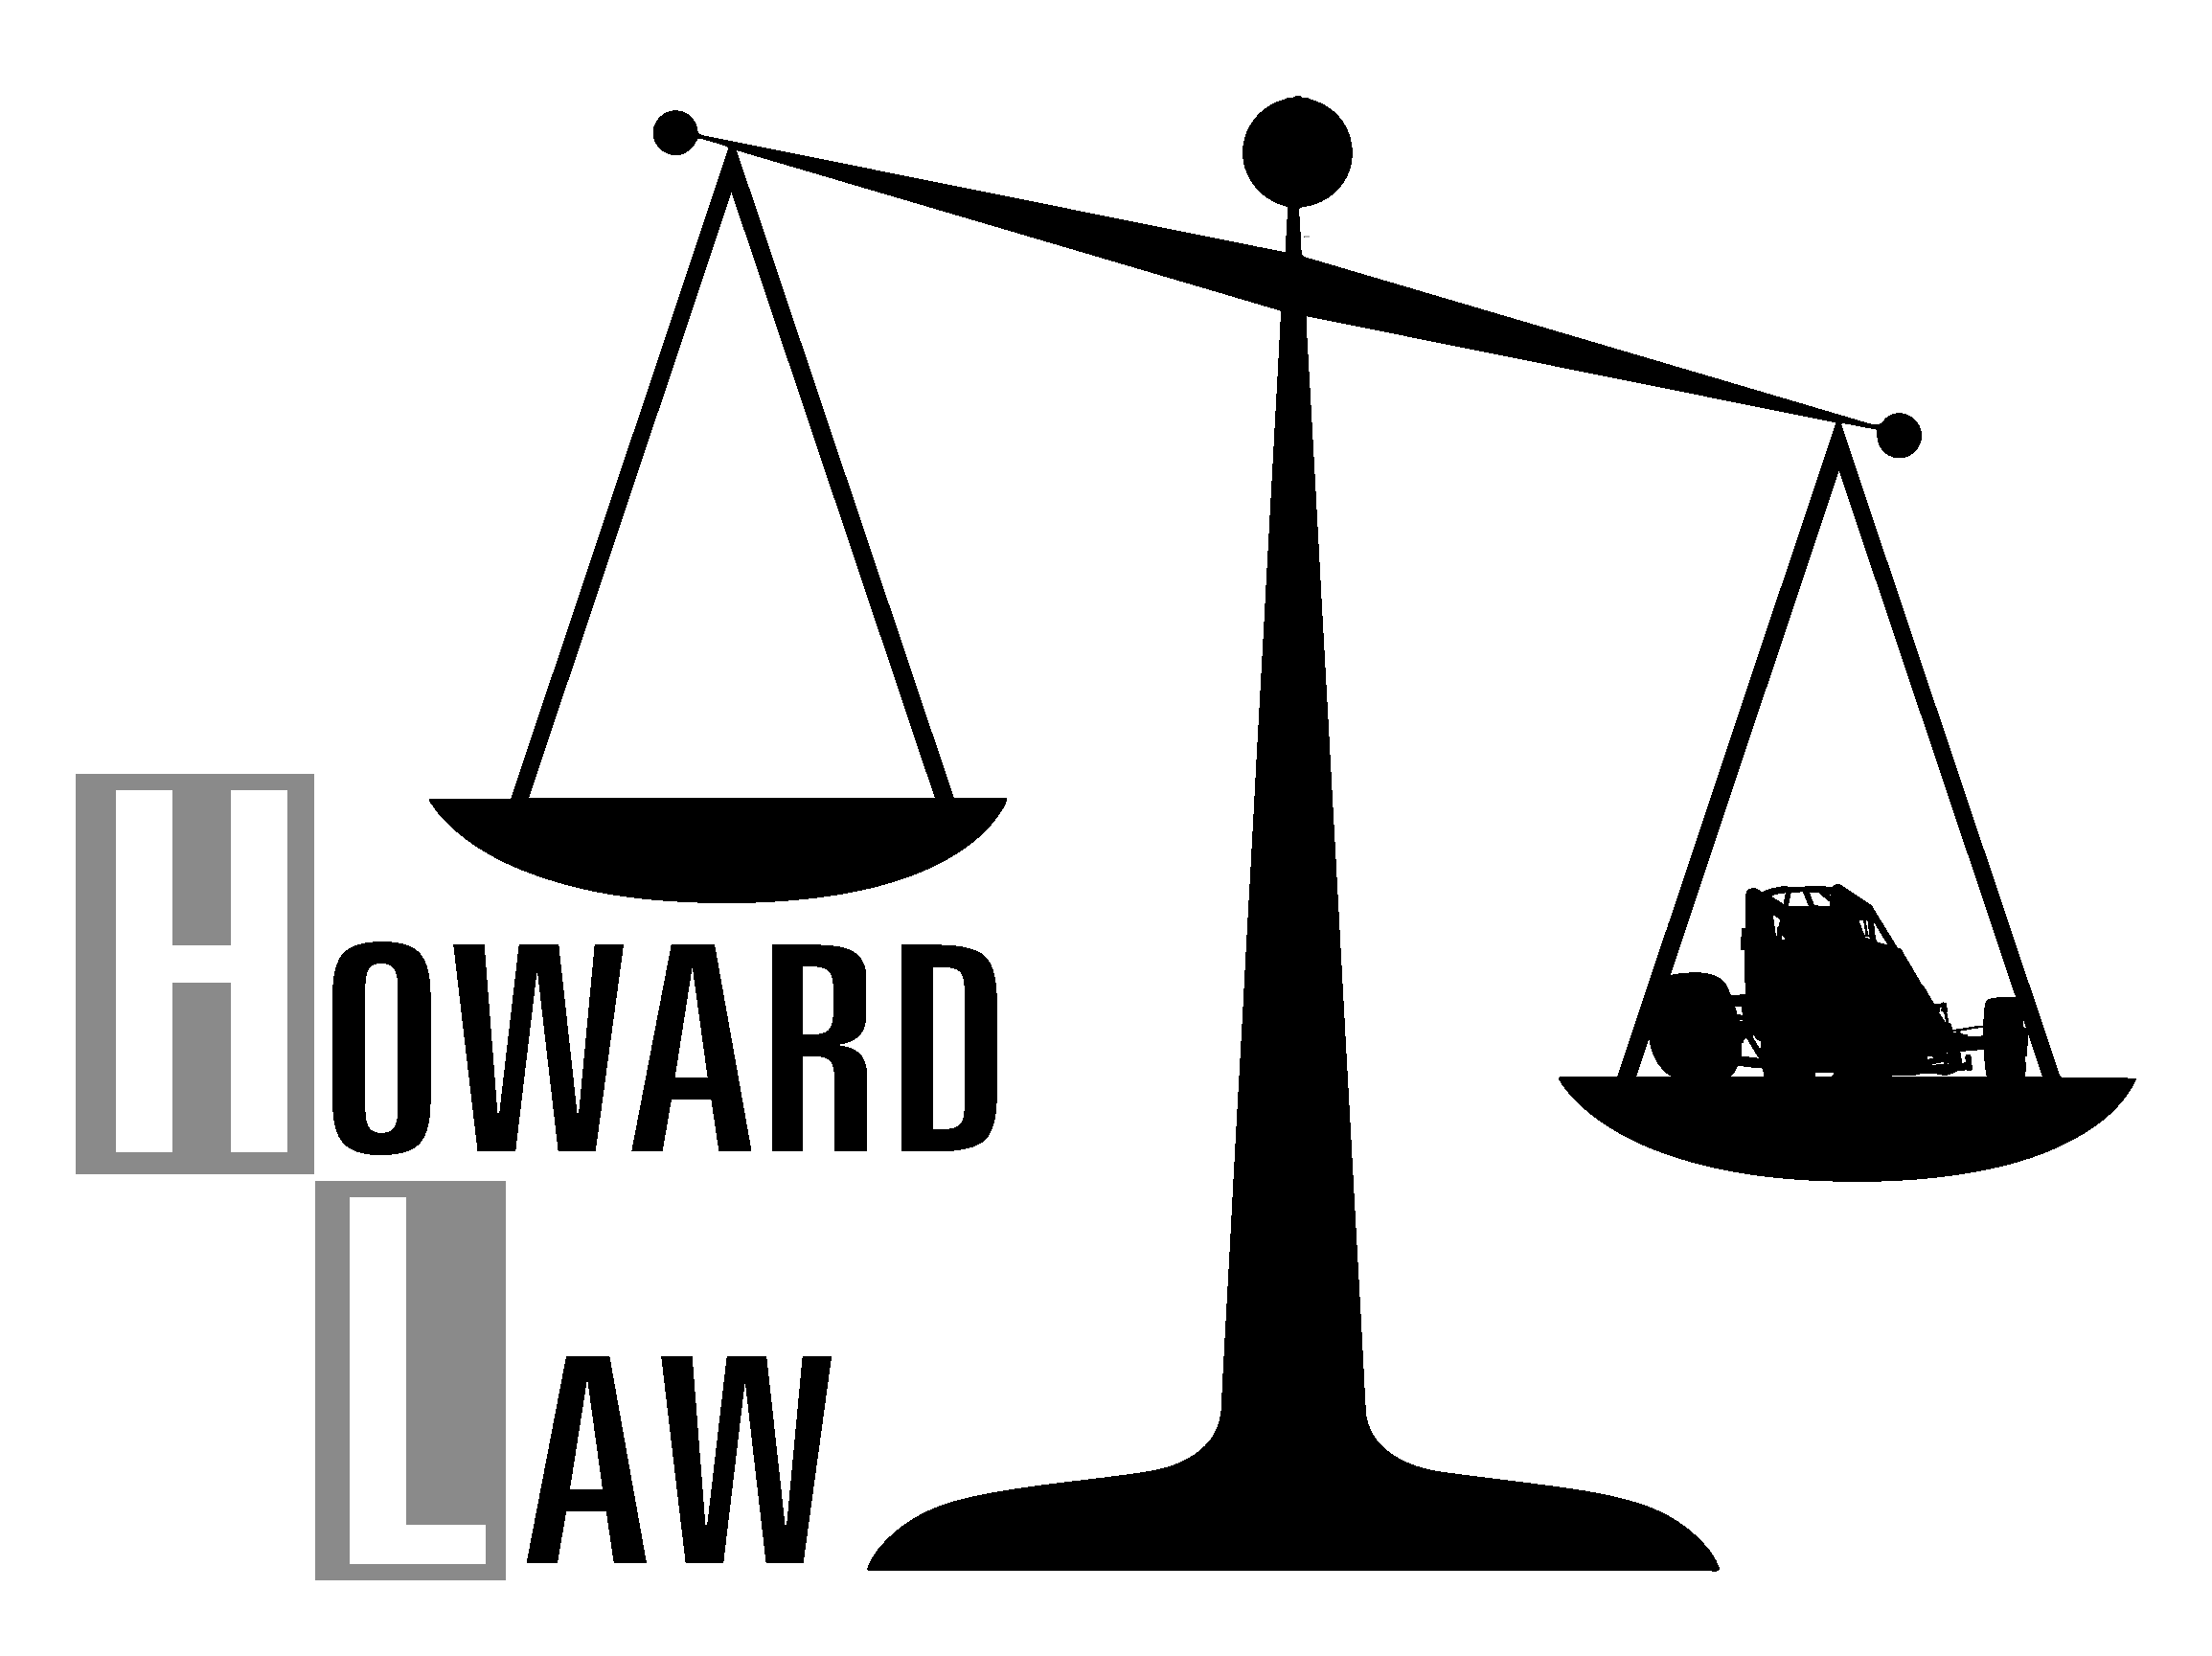 HowardLaw.png